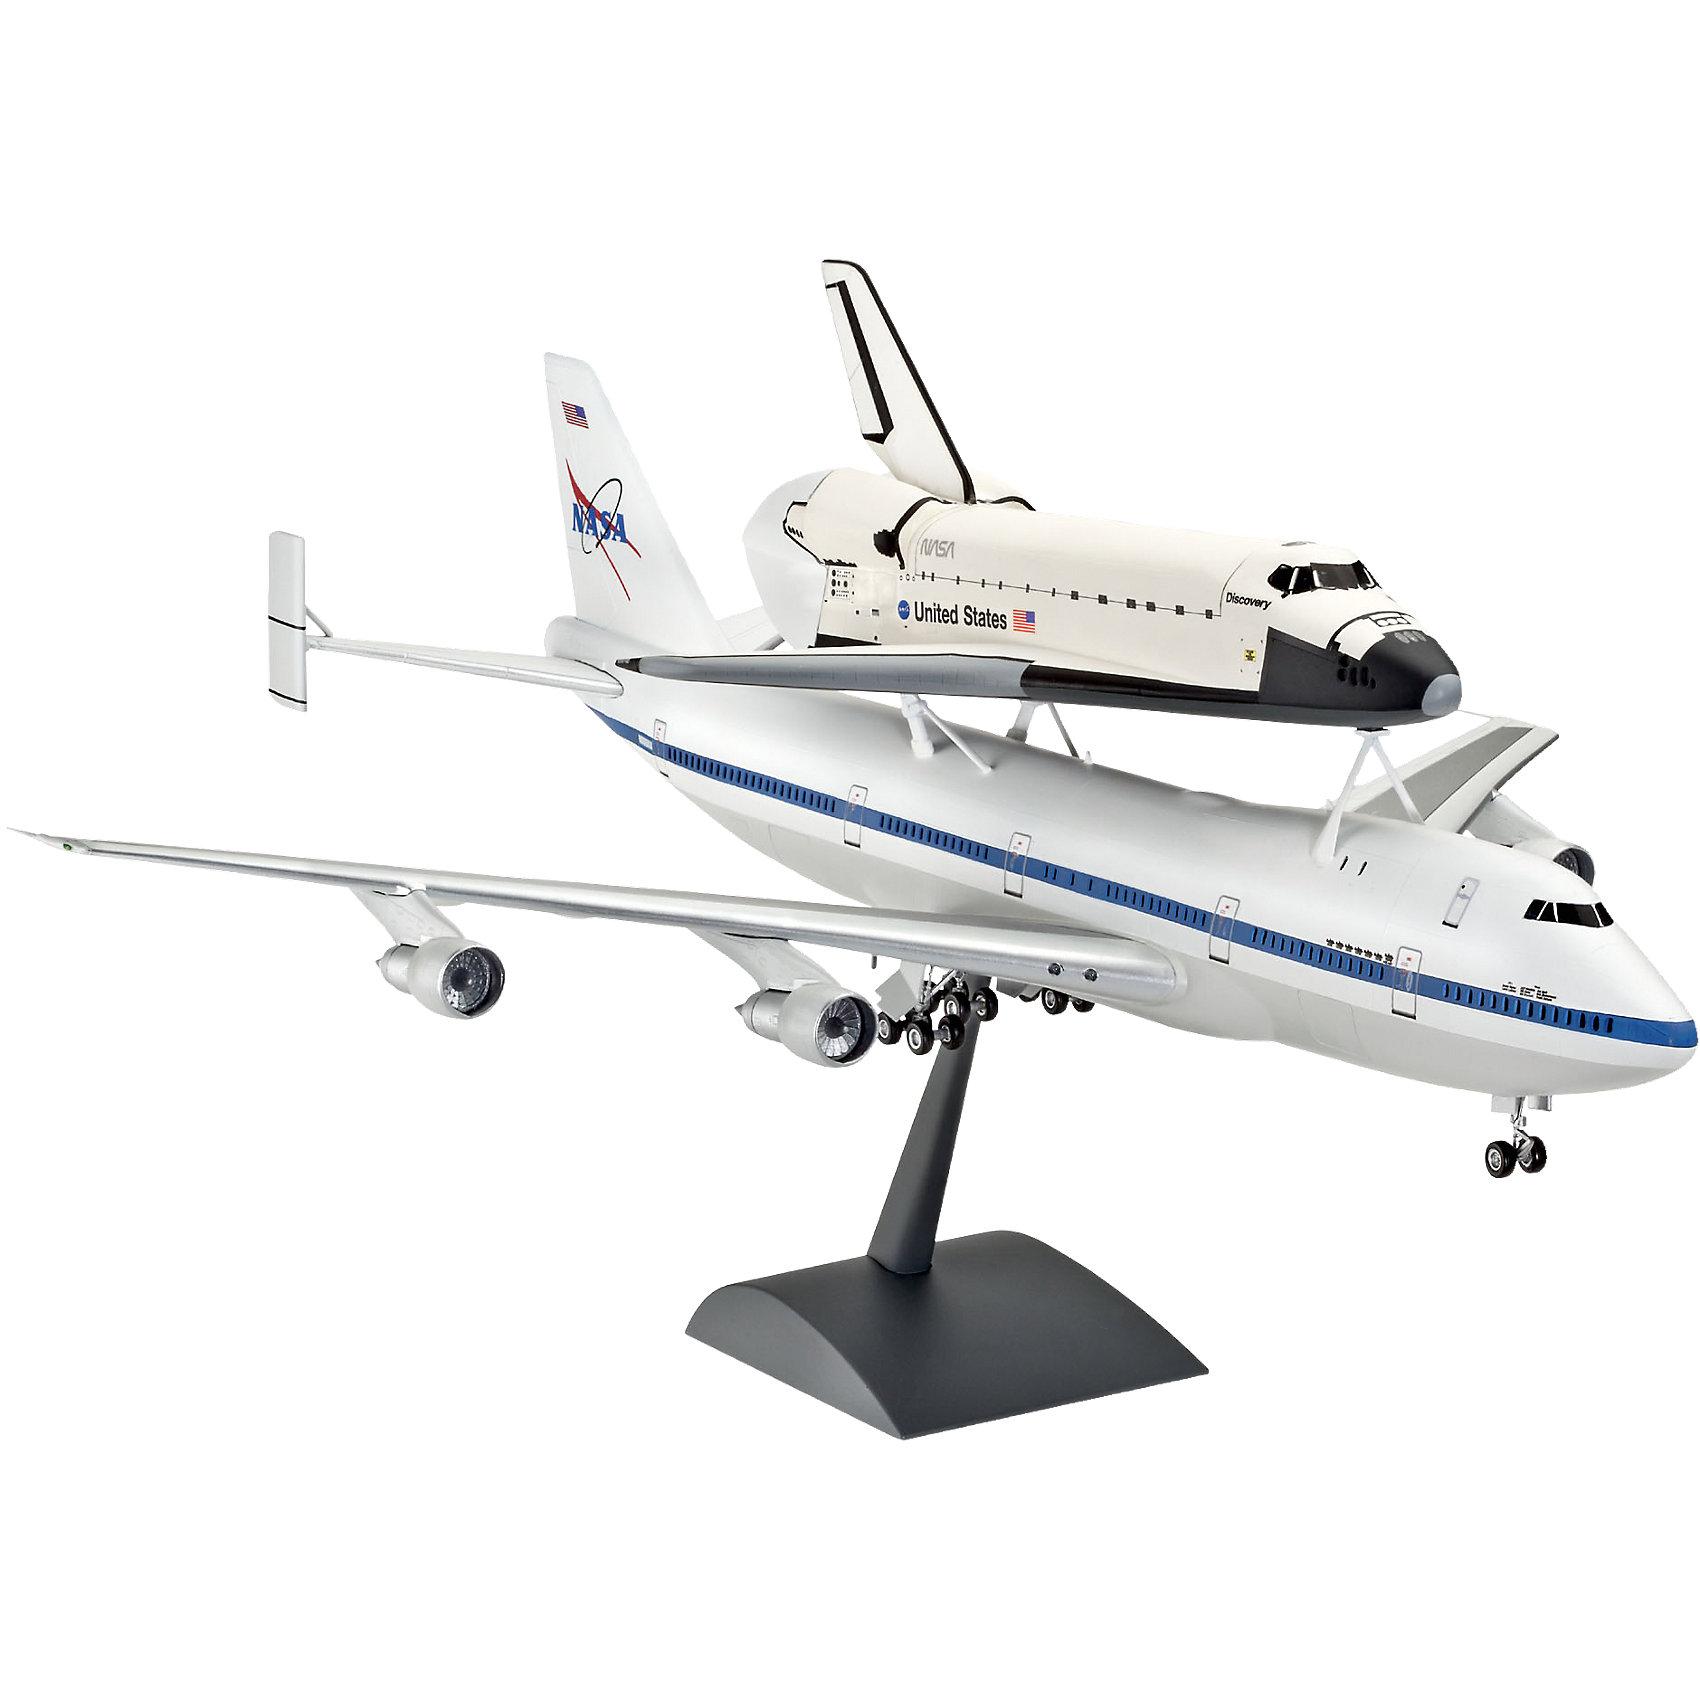 Орбитальный аппарат и Боинг 747Модели для склеивания<br>Первый полет  SCA 905 (переделанный Боинг 747-123) с шаттлом Enterprise прошел в 1977 году. В течение пяти испытательных полетов космический челнок отстыковывался от SCA 905, чтобы проверить летные и посадочных характеристик орбитального аппарата. Испытания завершились успешно. К концу программы Space Shuttle НАСА провело более 220 рабочих запусков SCA 905 с шаттлами. 17 марта 2012 SCA 905 с шаттлом Discovery  приземлился в последний раз в международном аэропорту Далласа и занял место в постоянной экспозиции в Национальном музее авиации и космонавтики в Вашингтоне. <br>Масштаб: 1:144 <br>Количество деталей: 119 <br>Длина: 489 мм <br>Размах крыльев: 422 мм <br>Клей и краски в комплект не входят.<br><br>Ширина мм: 596<br>Глубина мм: 368<br>Высота мм: 76<br>Вес г: 932<br>Возраст от месяцев: 144<br>Возраст до месяцев: 192<br>Пол: Мужской<br>Возраст: Детский<br>SKU: 2594006